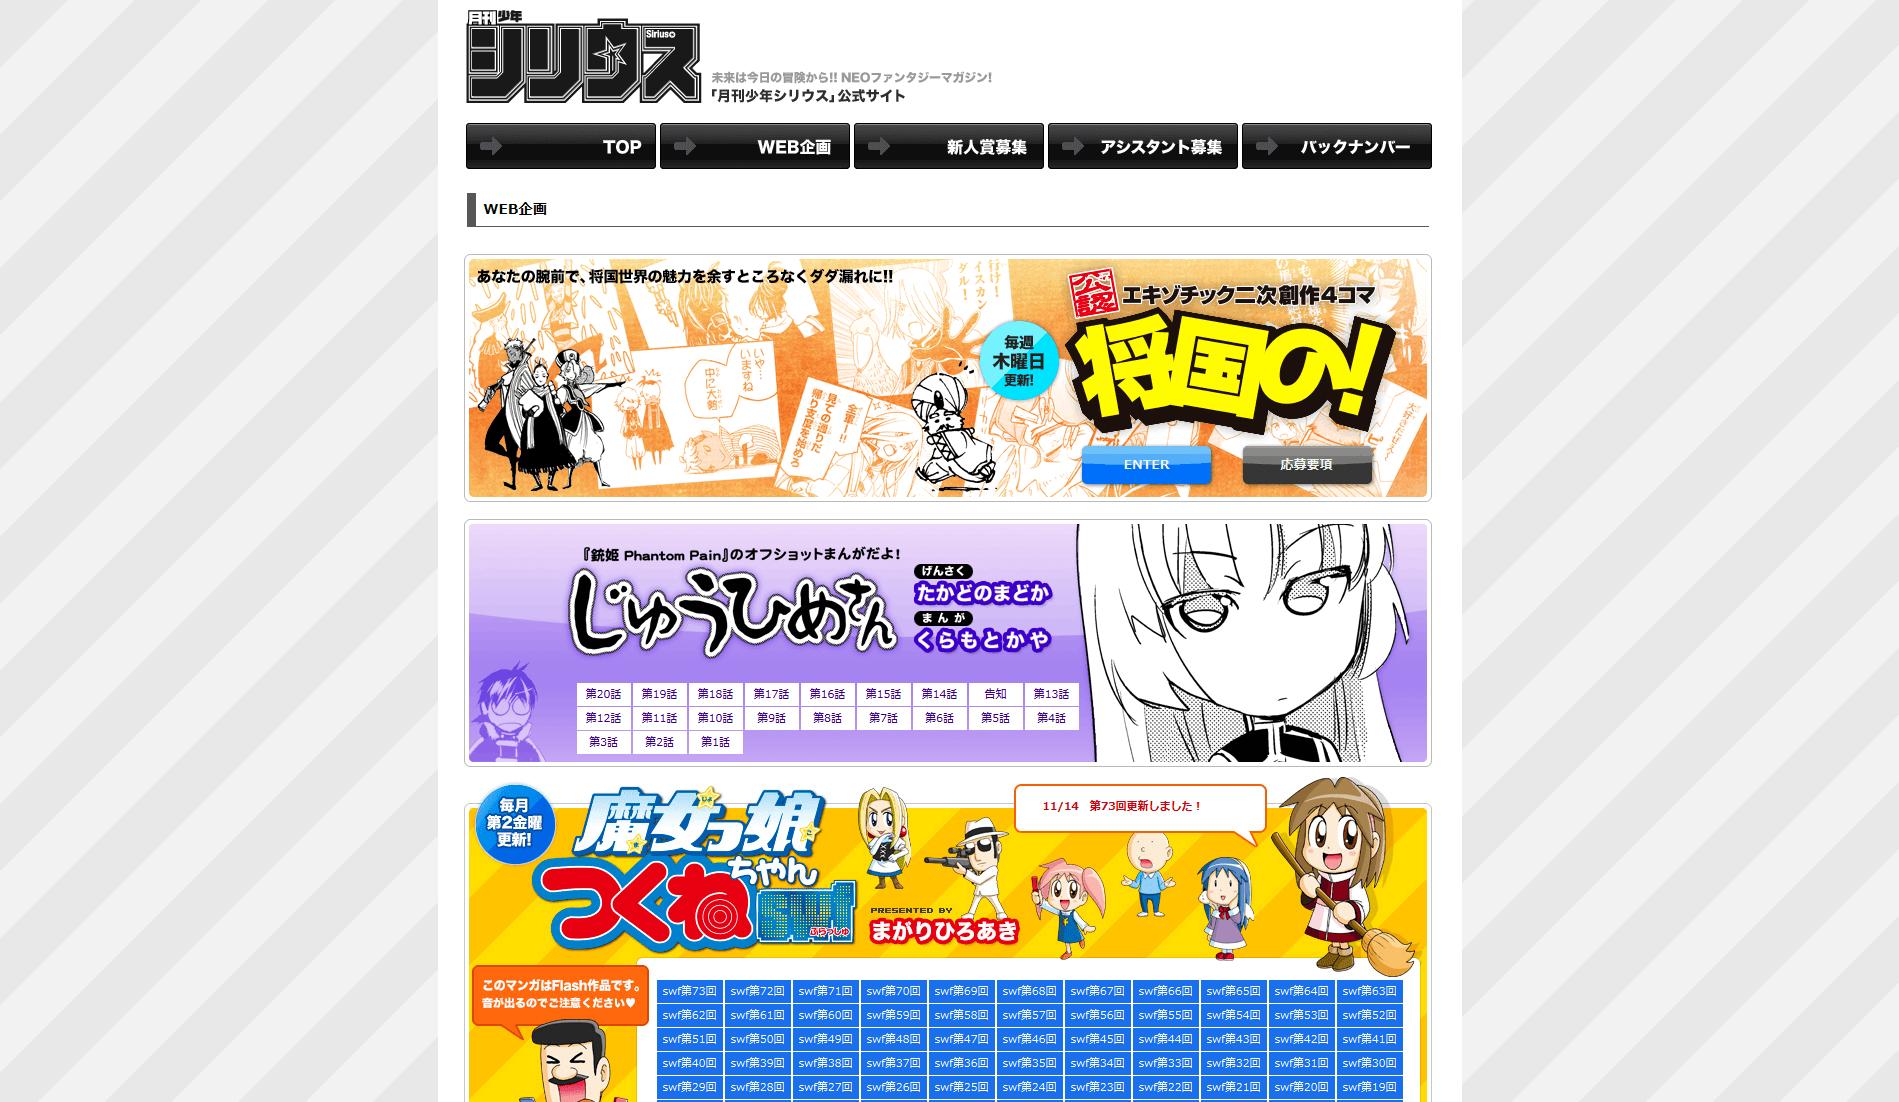 「少年シリウス」オフィシャルサイト|WEB企画